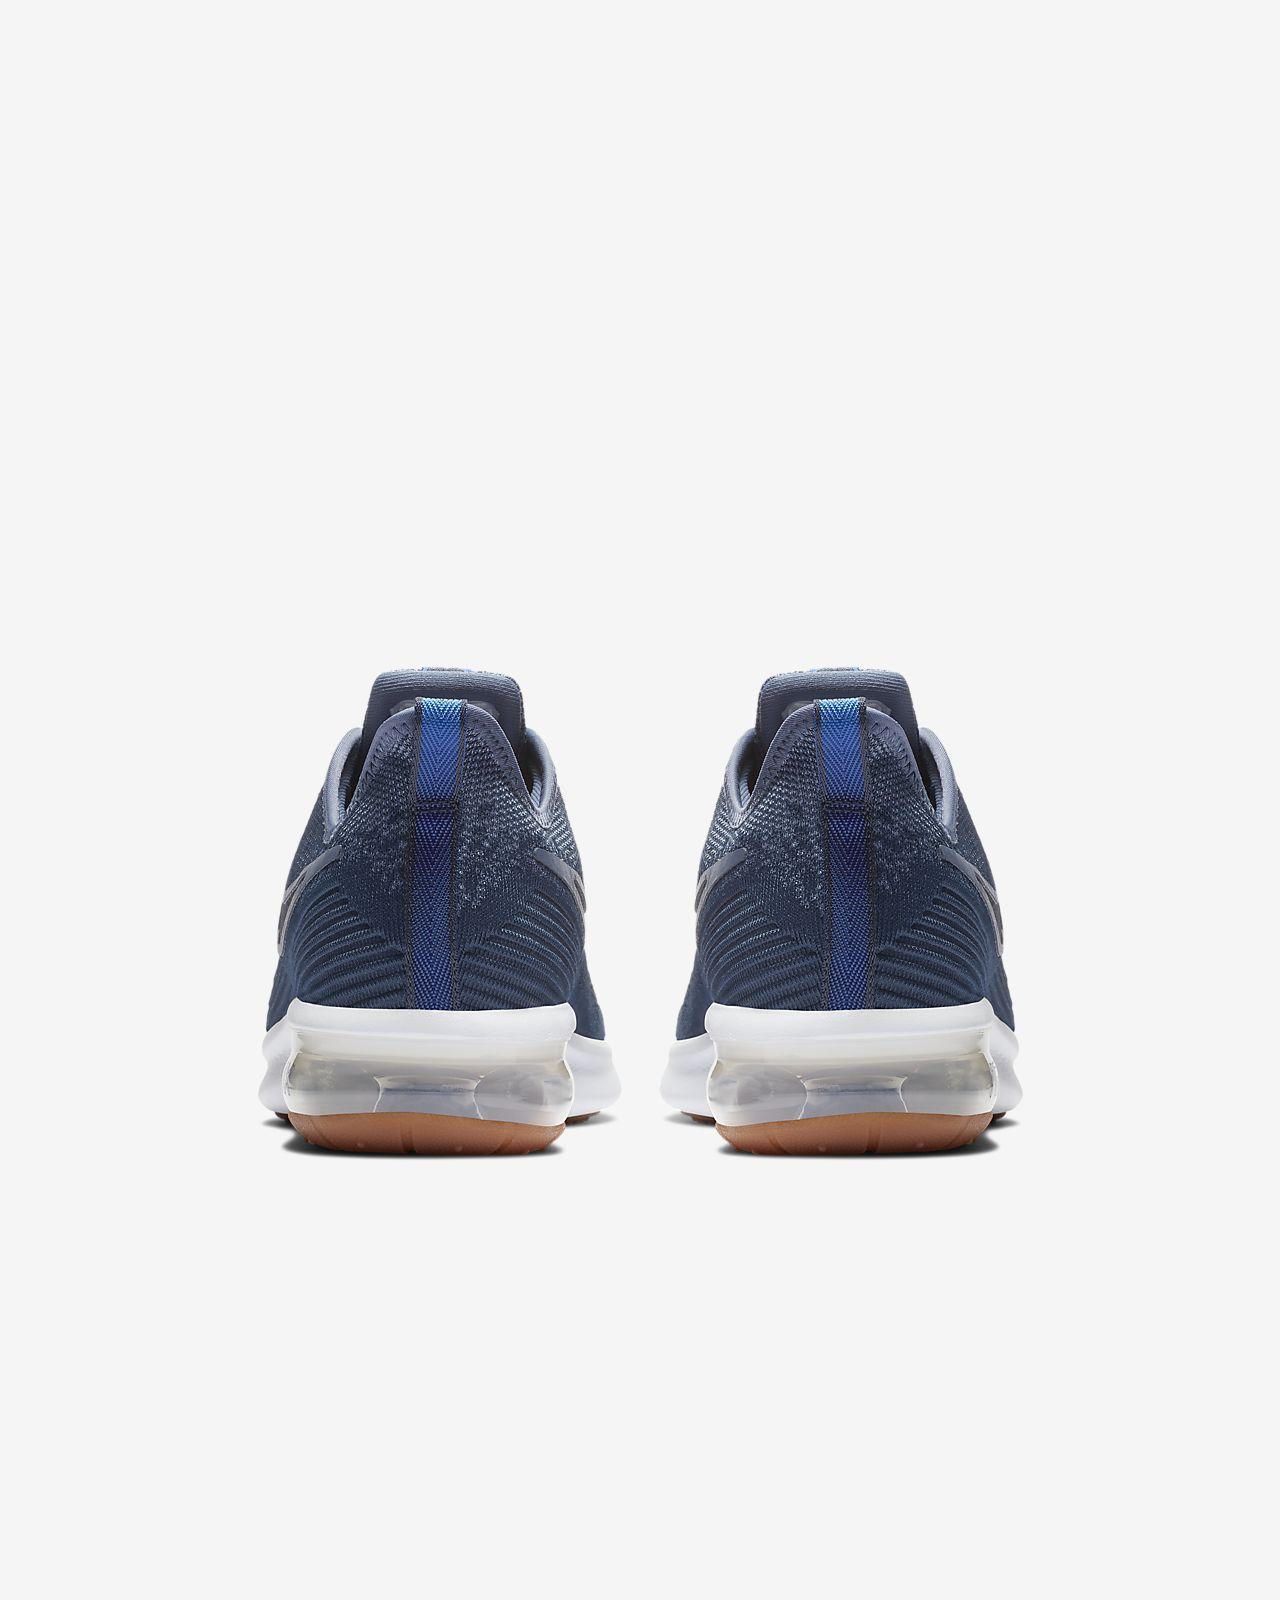 d0de503de79 Nike Air Max Sequent 4 Men s Shoe. Nike.com SA